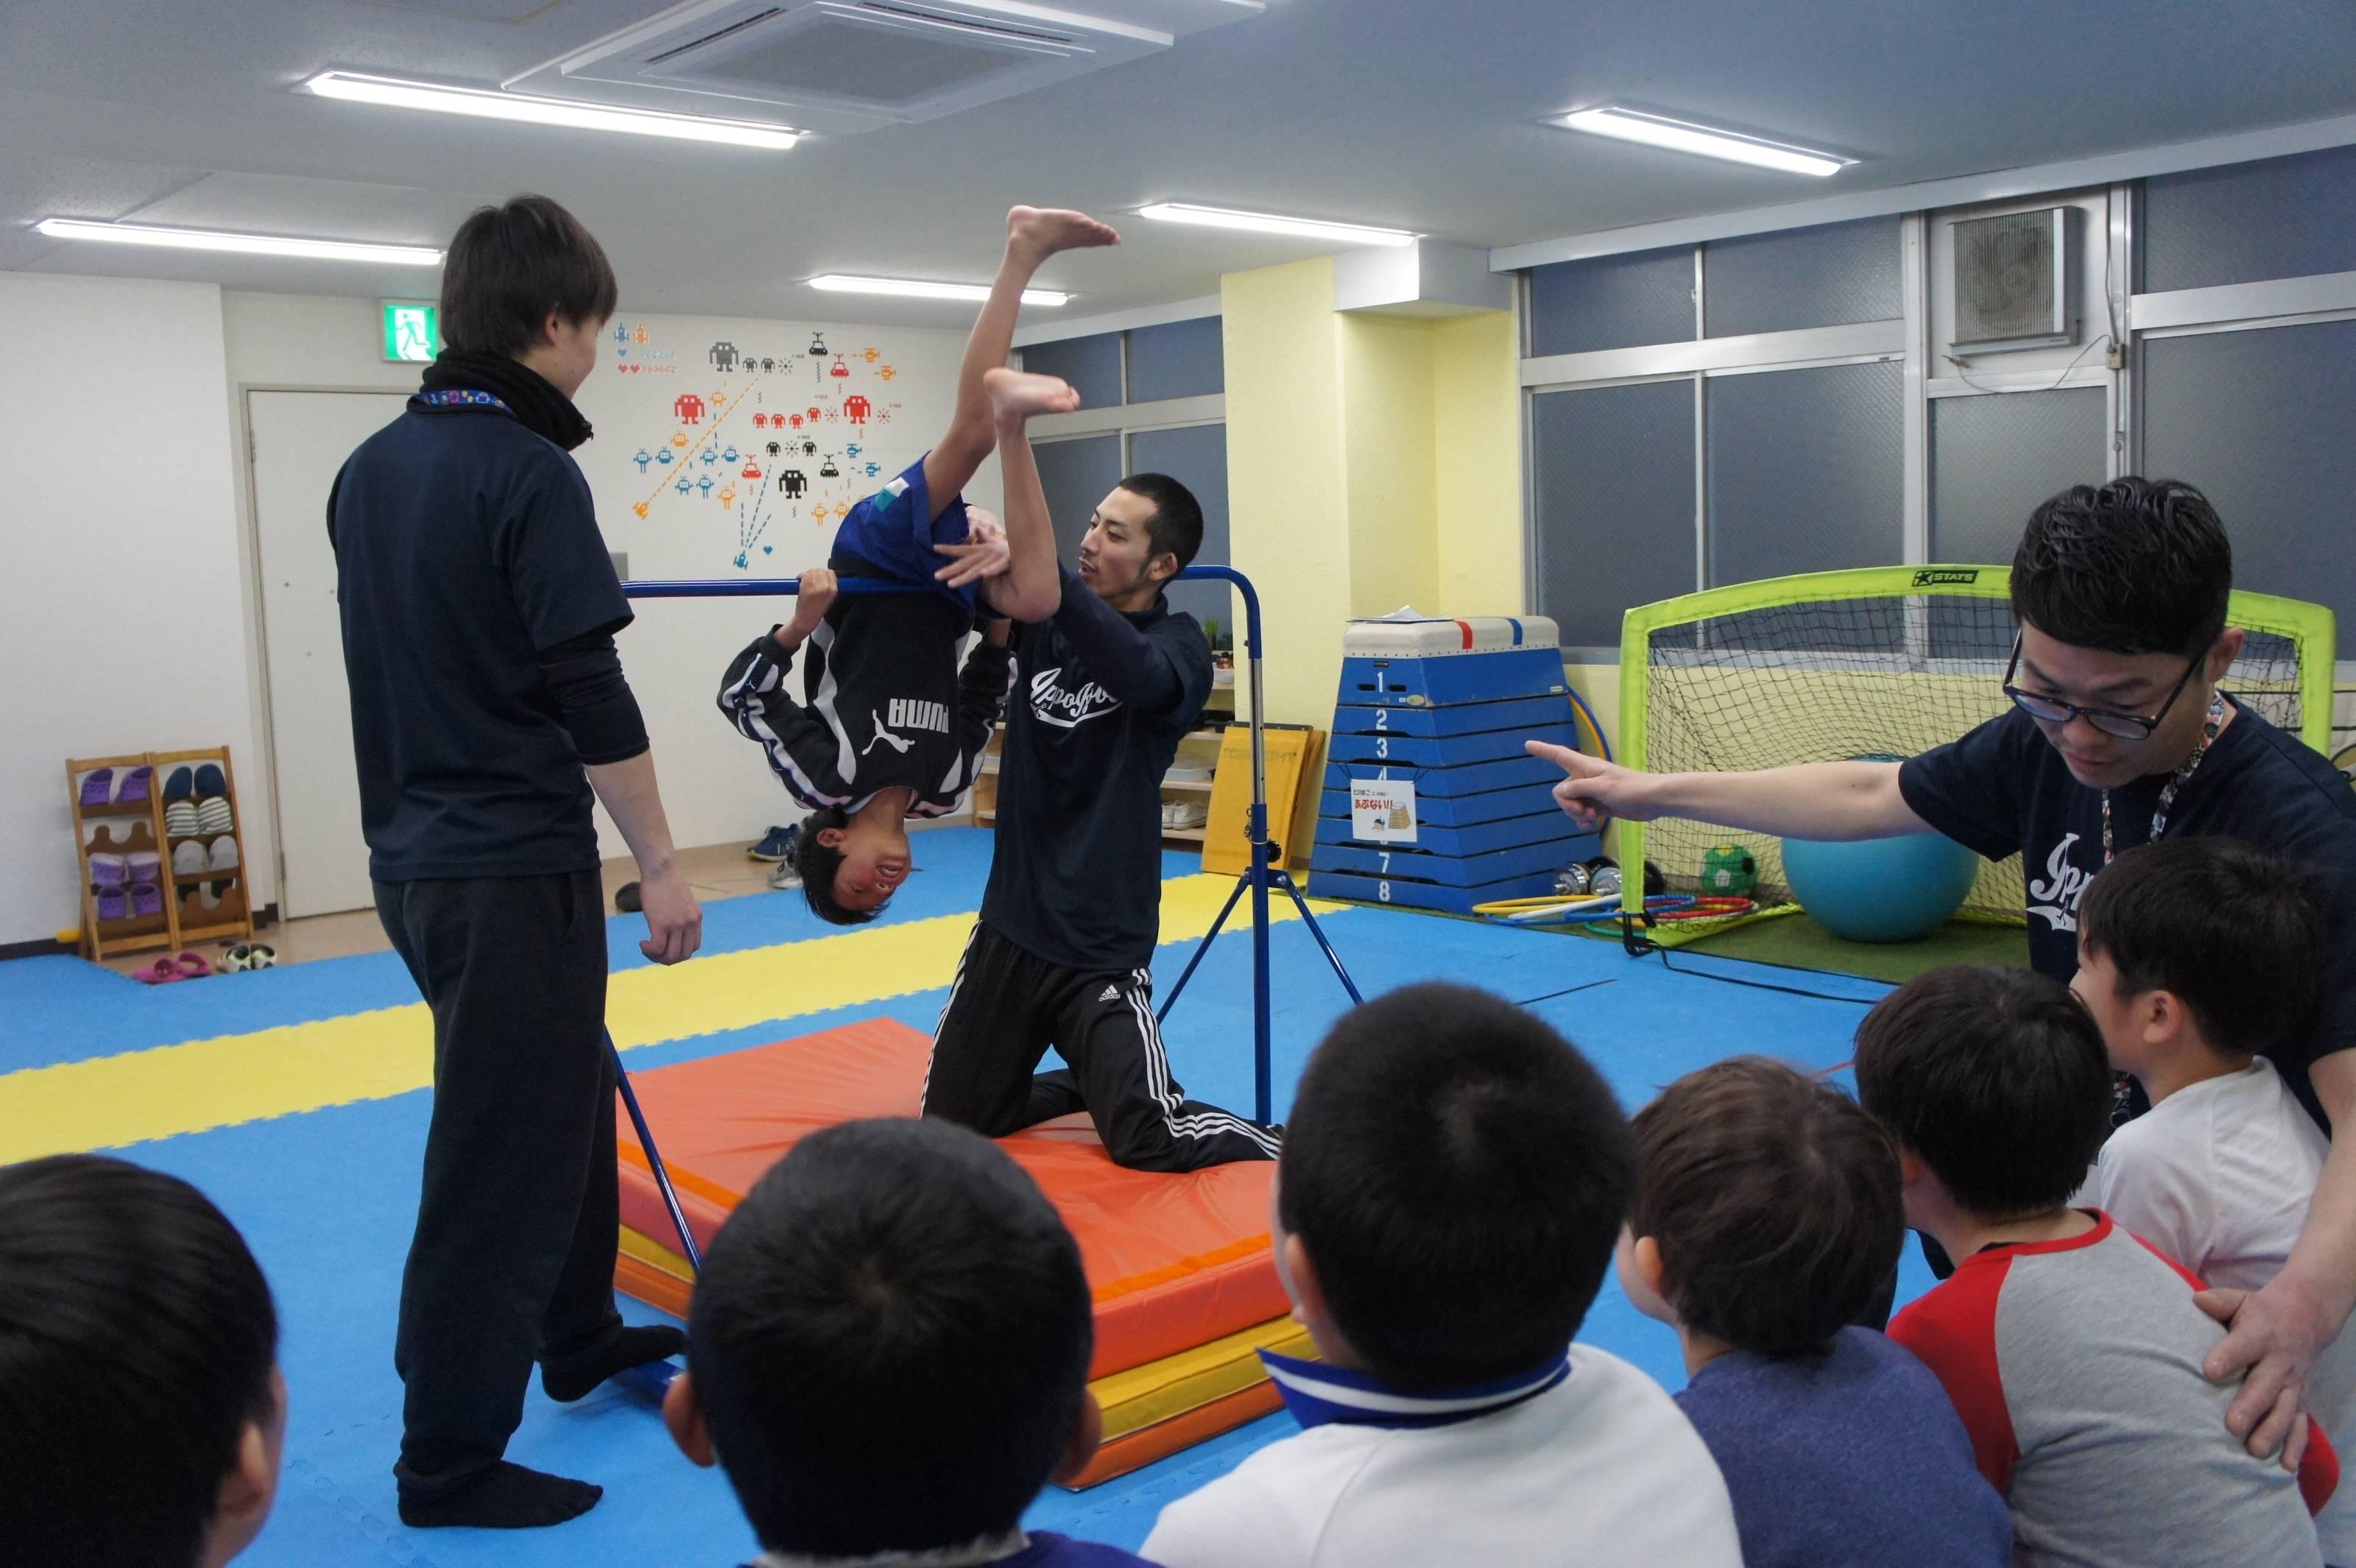 放課後等デイサービスIPPO(一般社団法人神戸障害児スポーツ振興協会)